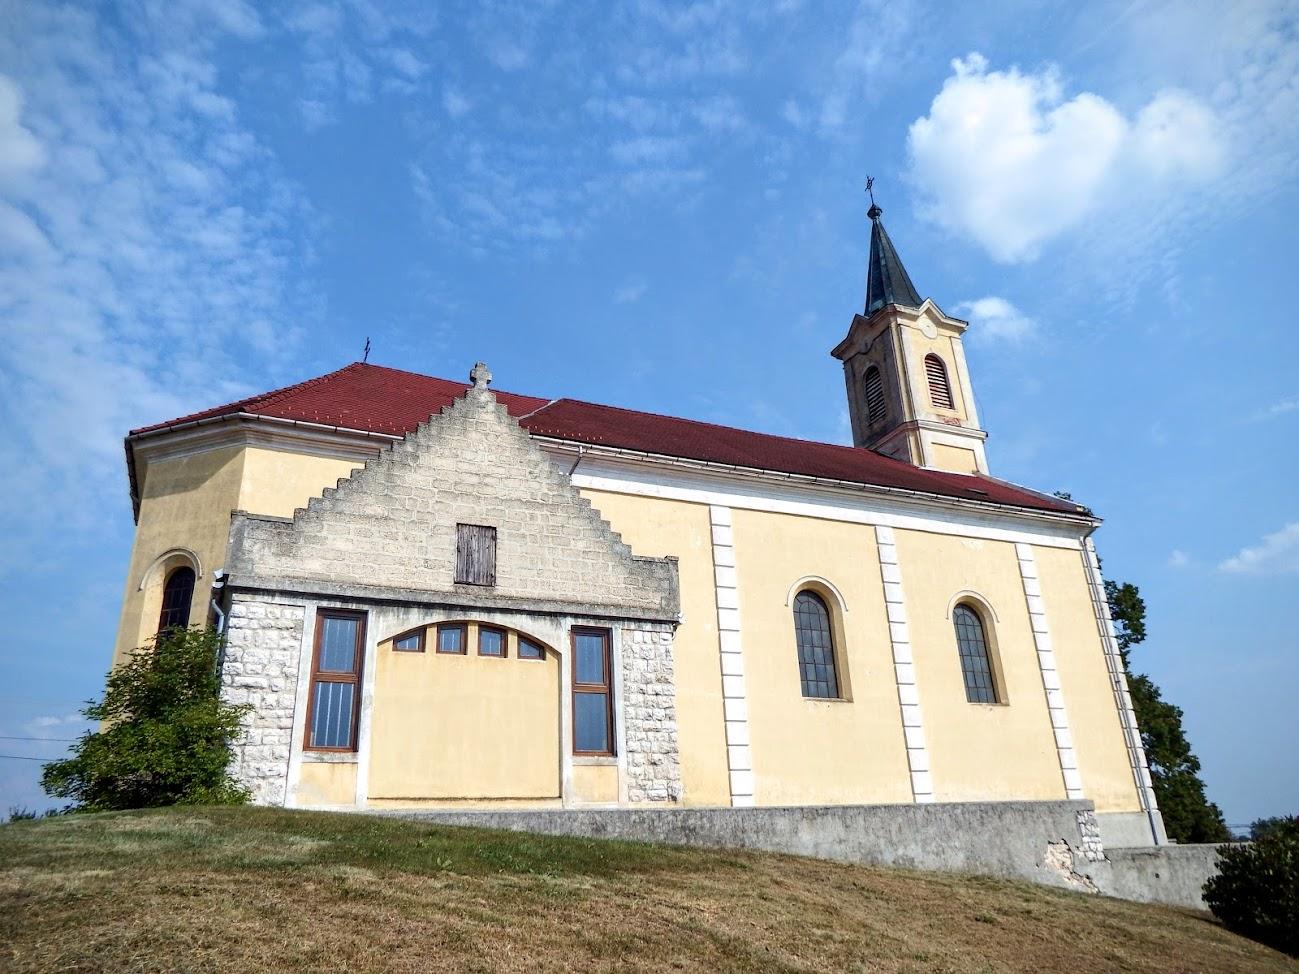 Veszprém - Gyulafirátóti Nepomuki Szent János rk. templom